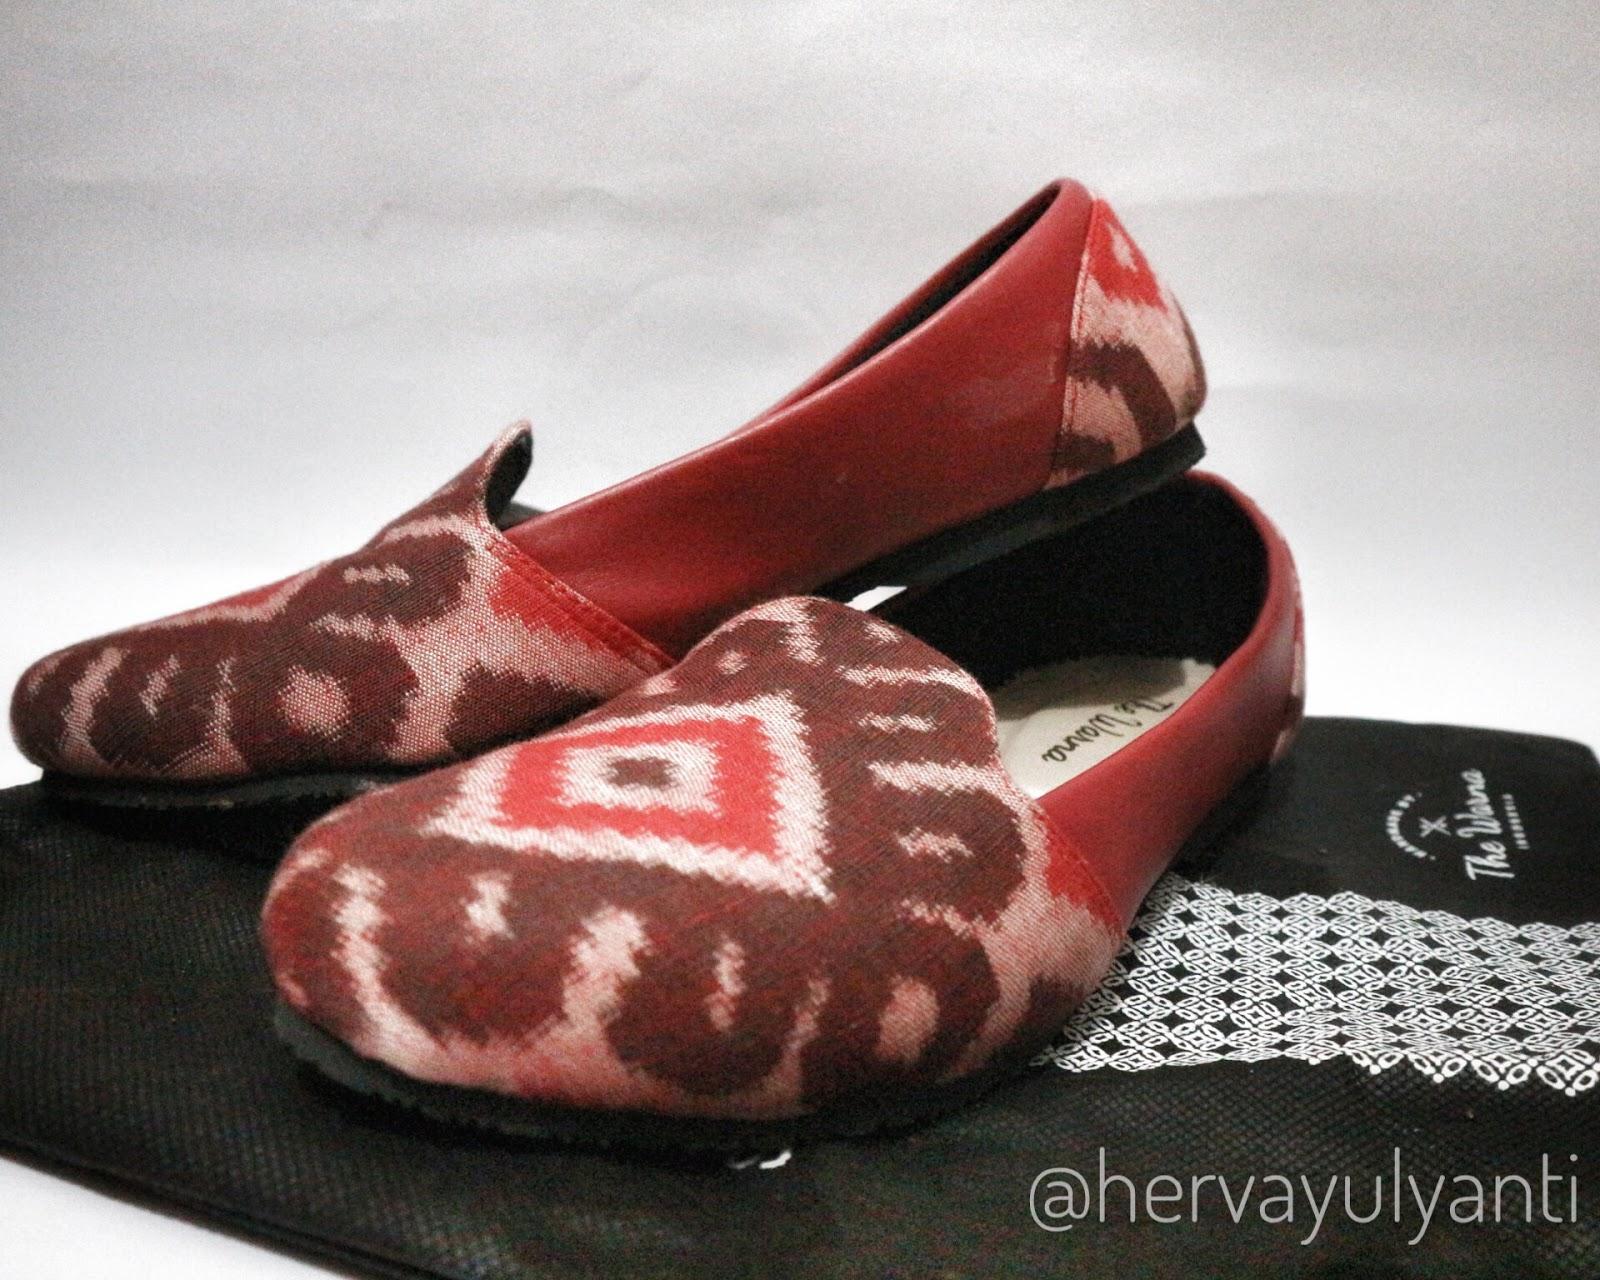 review sepatu couple the warna, sepatu the warna, sepatu couple ibu dan anak, tips kompak saat lebaran